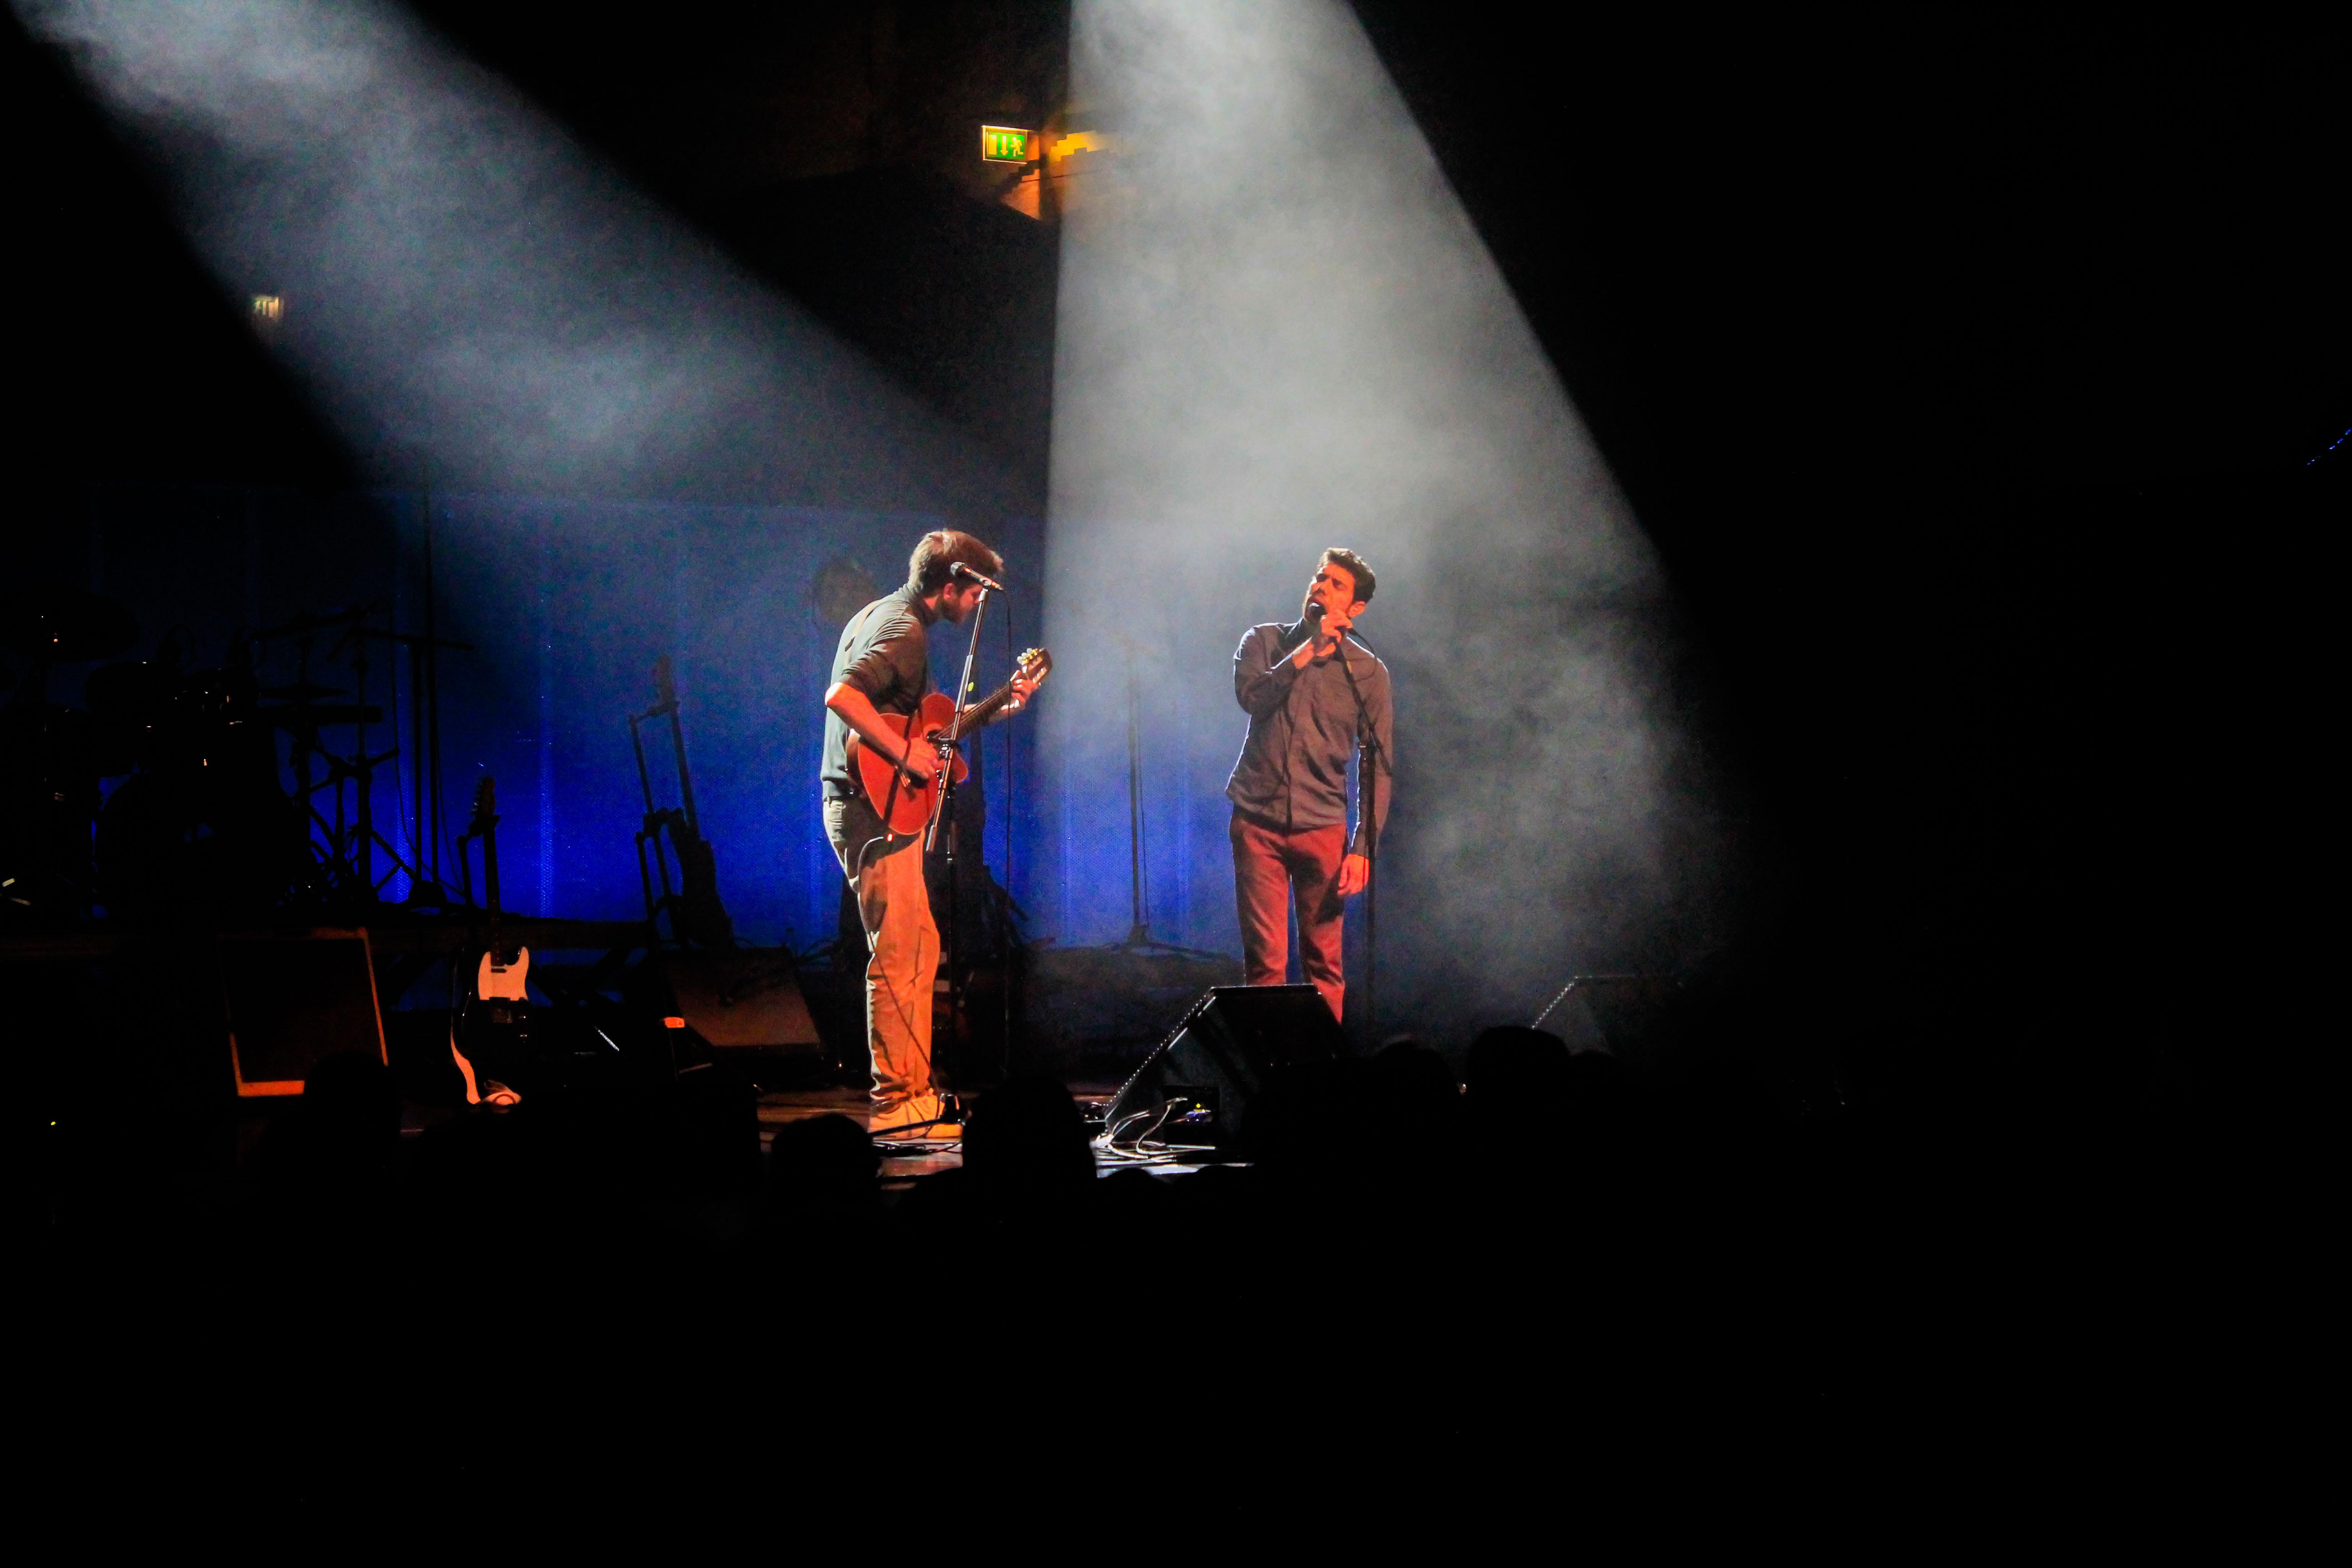 Tiago Nacarato e Luca Argel. Fotografia: Joana Nogueira